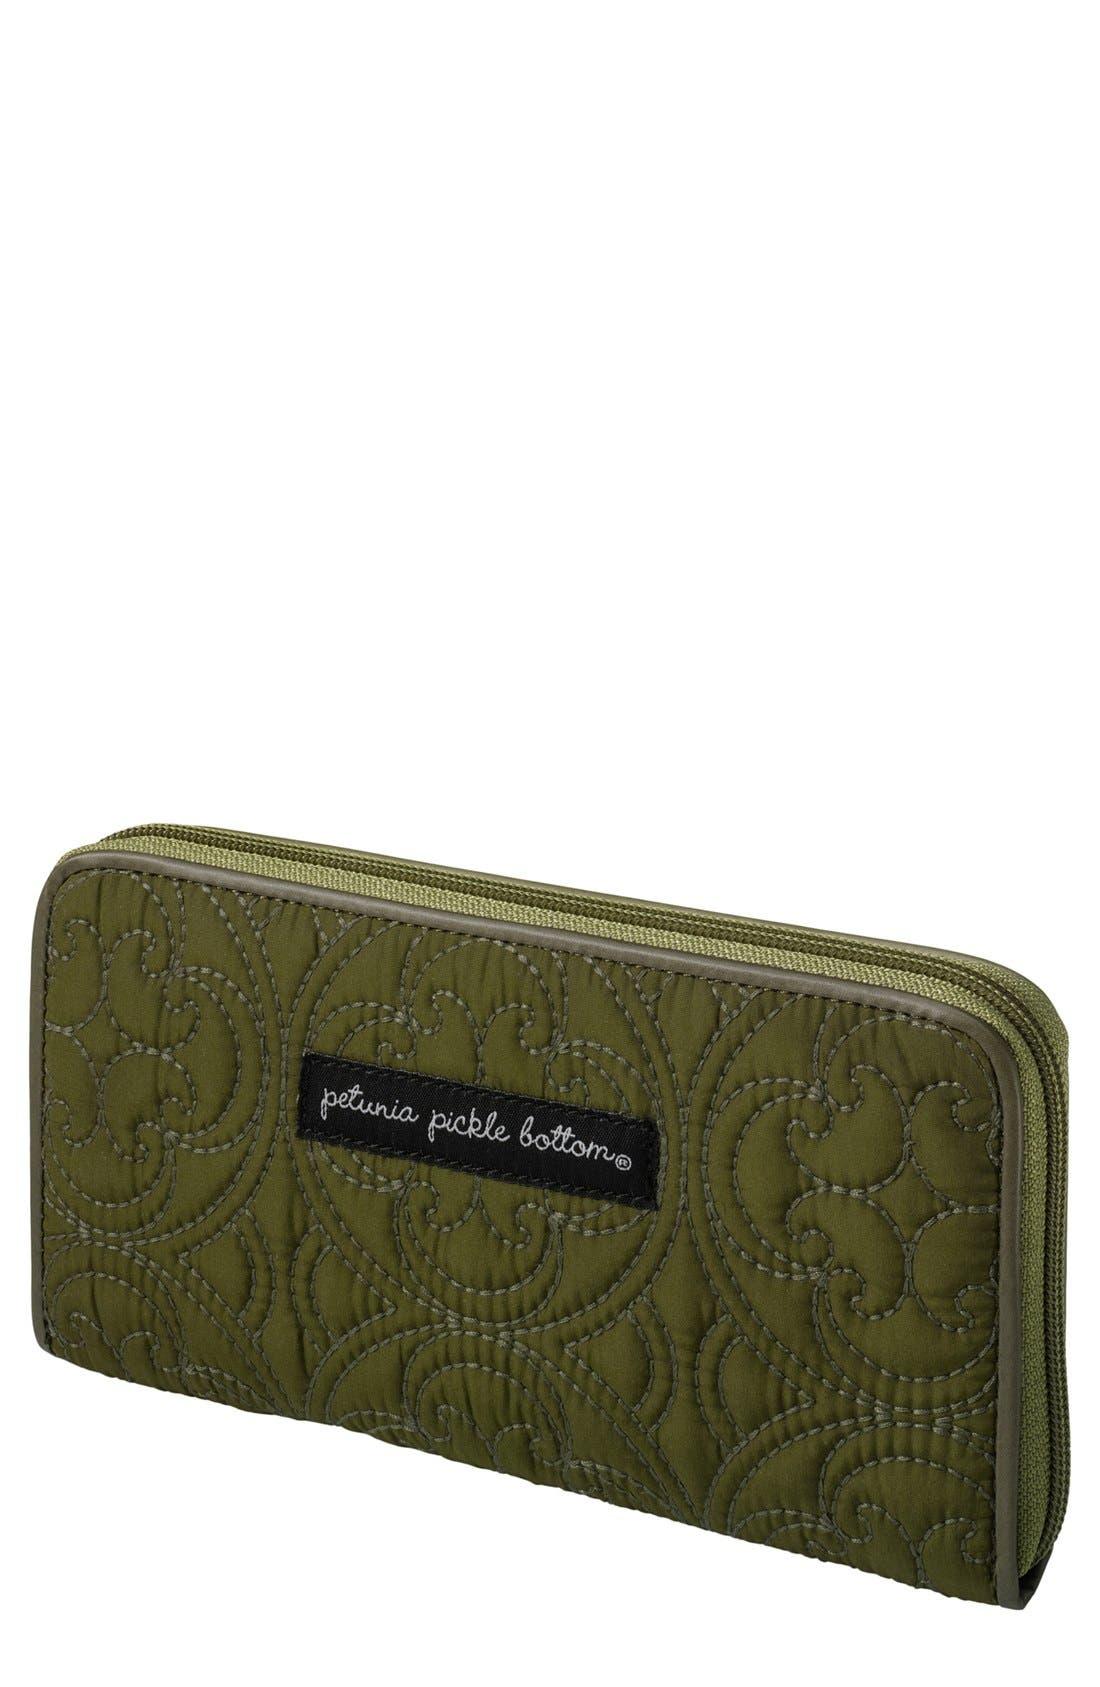 Alternate Image 1 Selected - Petunia Pickle Bottom 'Wanderlust' Wallet